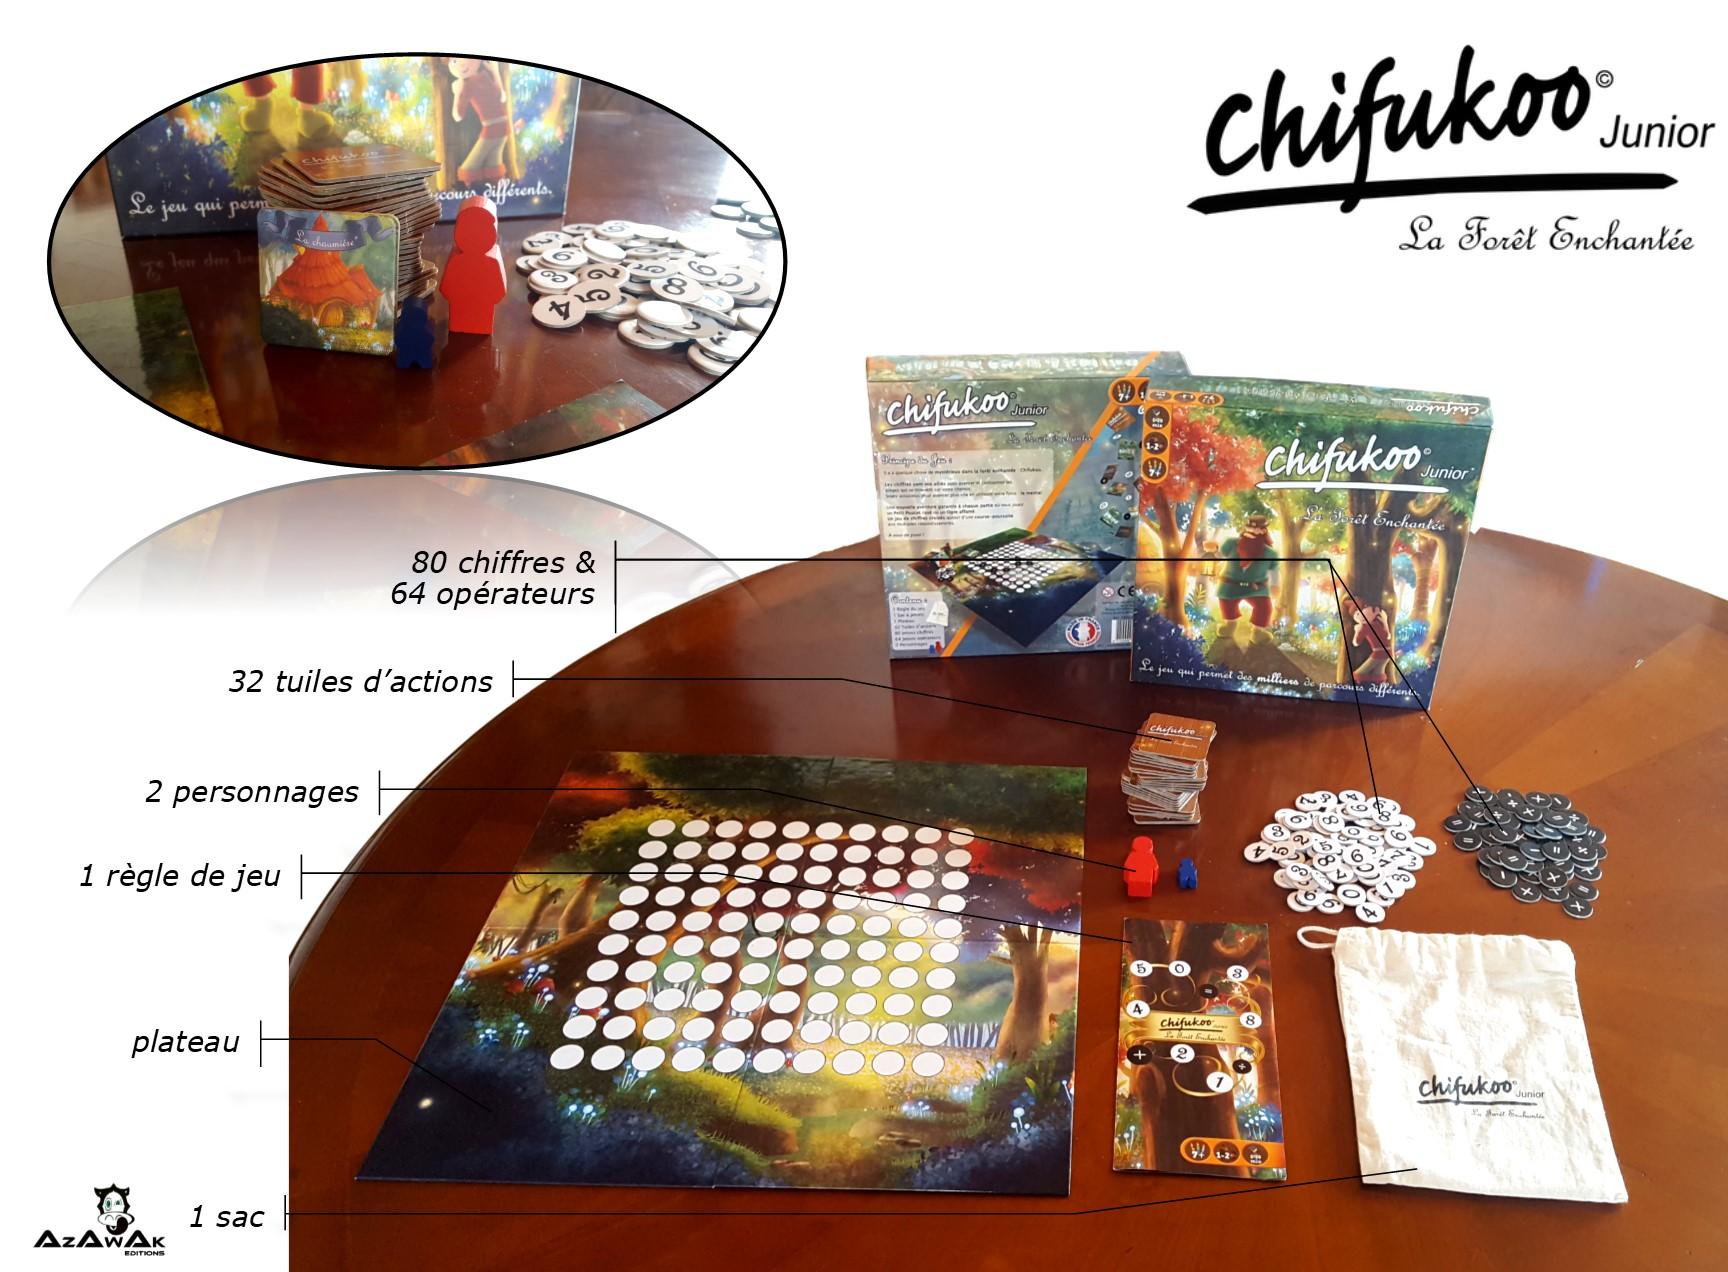 Chifukoo Junior